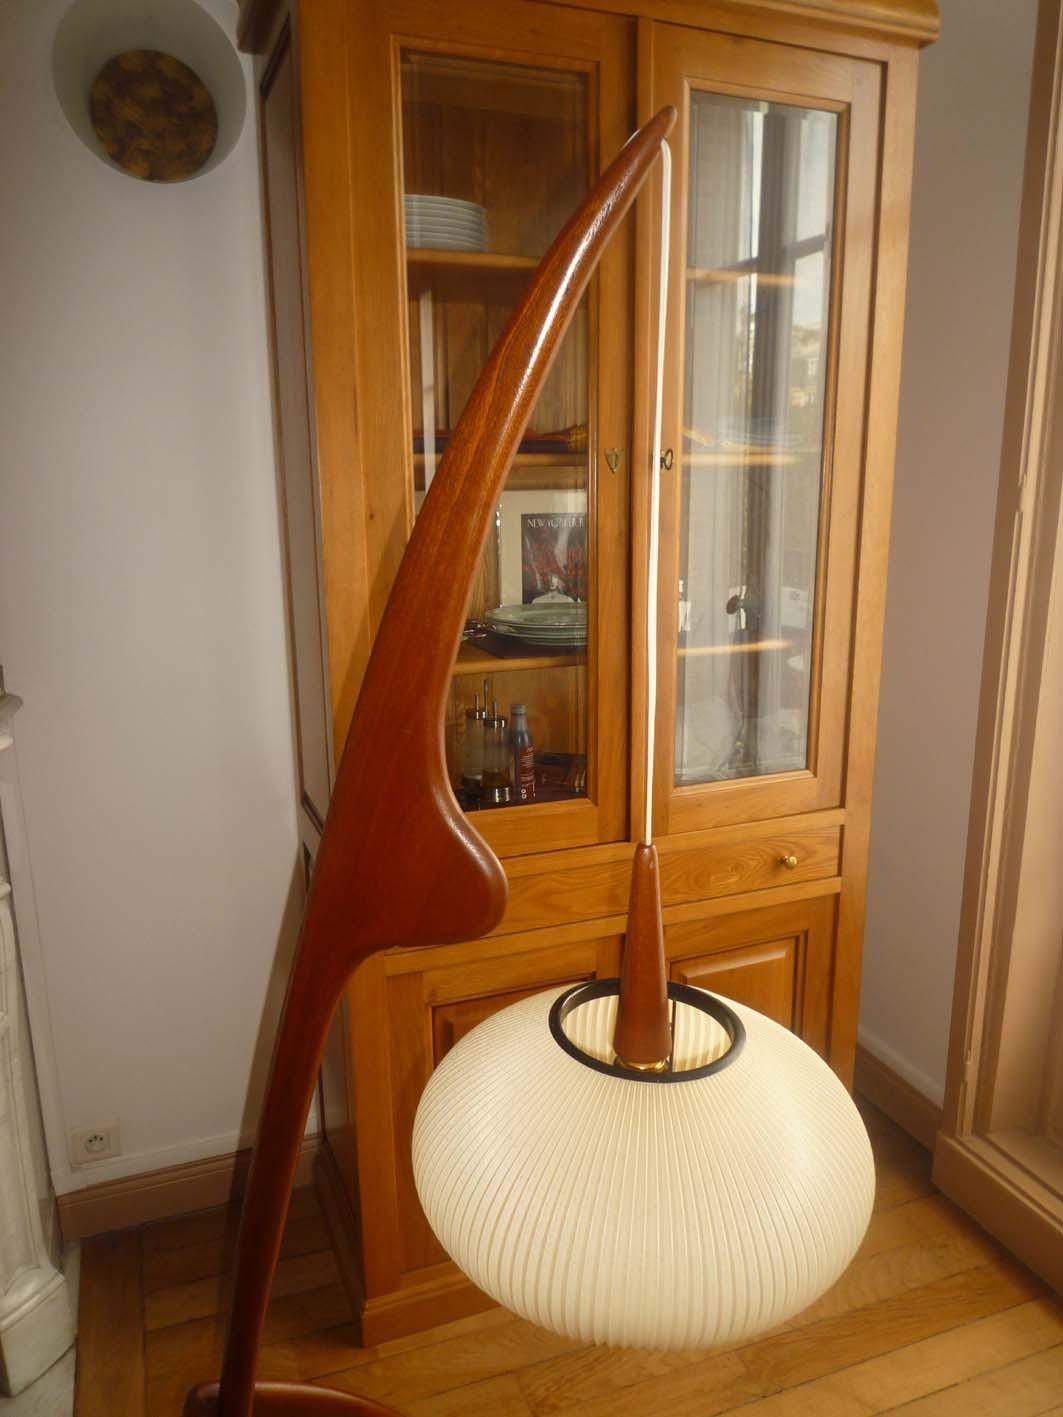 lampadaire mante religieuse de rispal ann es 50 l 39 atelier 50 boutique vintage achat et. Black Bedroom Furniture Sets. Home Design Ideas